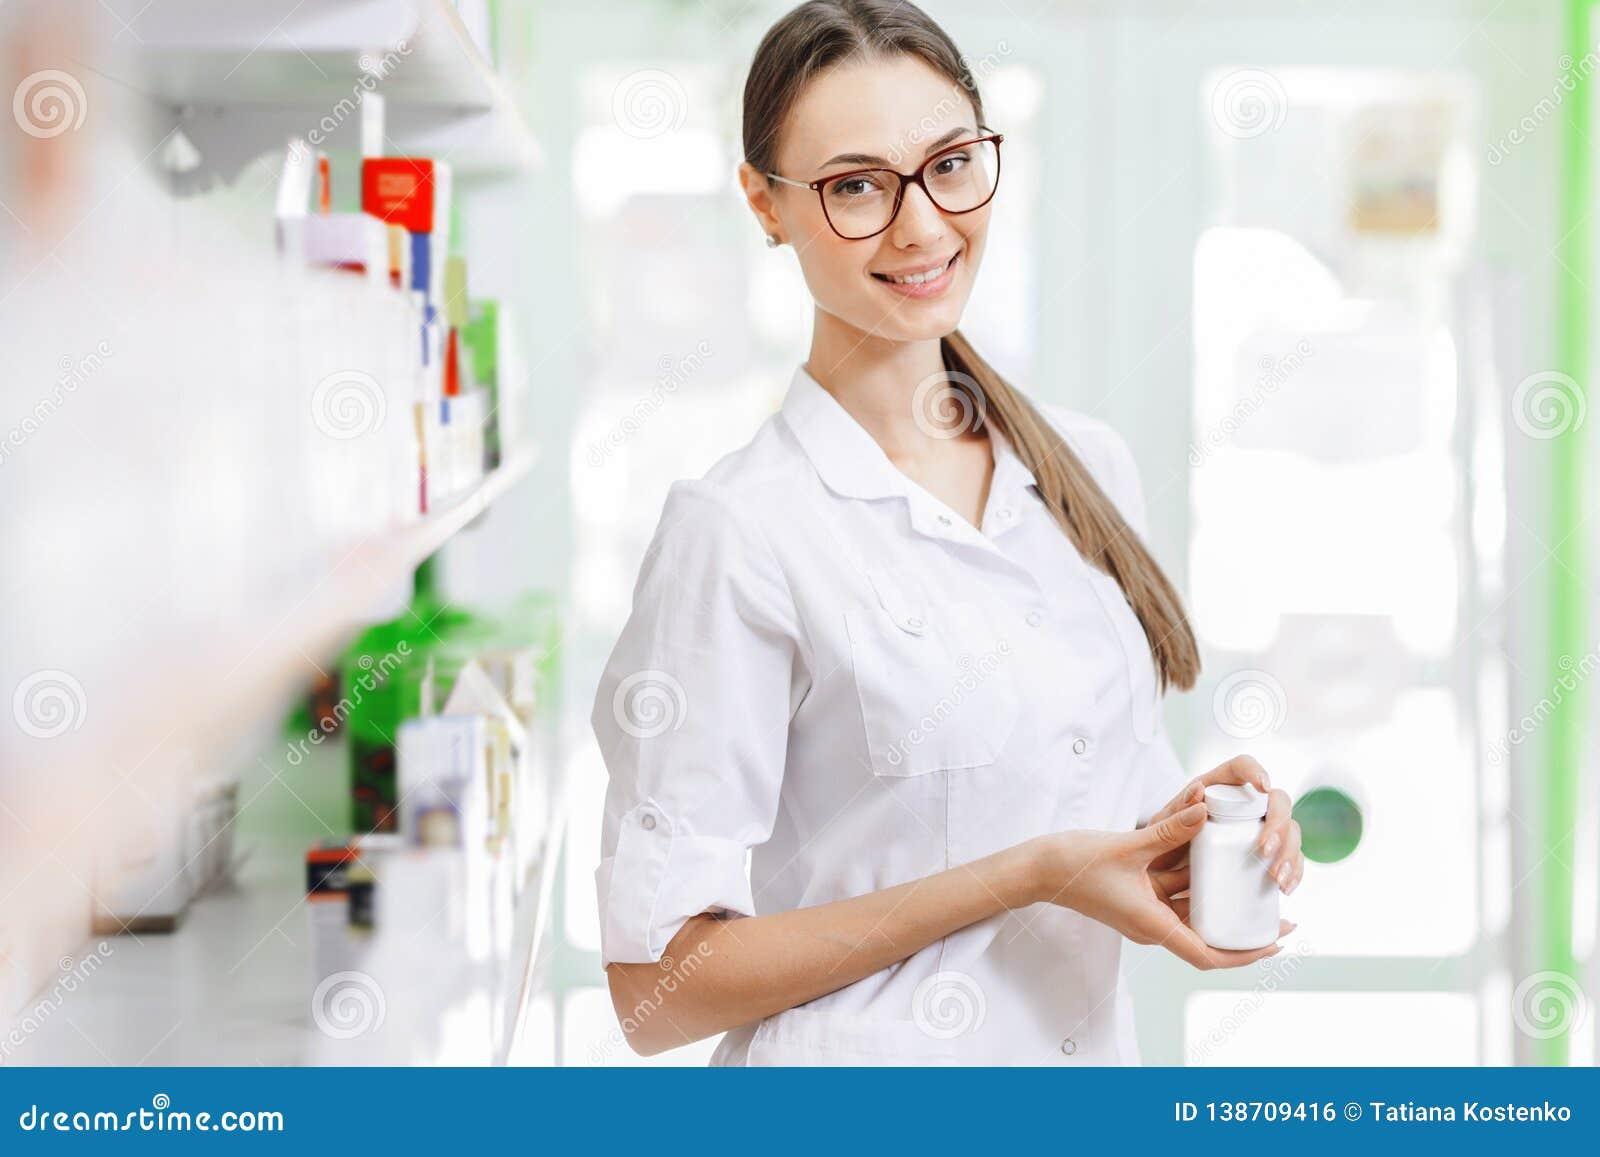 Een glimlachende charmante slanke donker-haired dame met glazen, die een witte laag dragen, bevindt zich naast de plank en toont